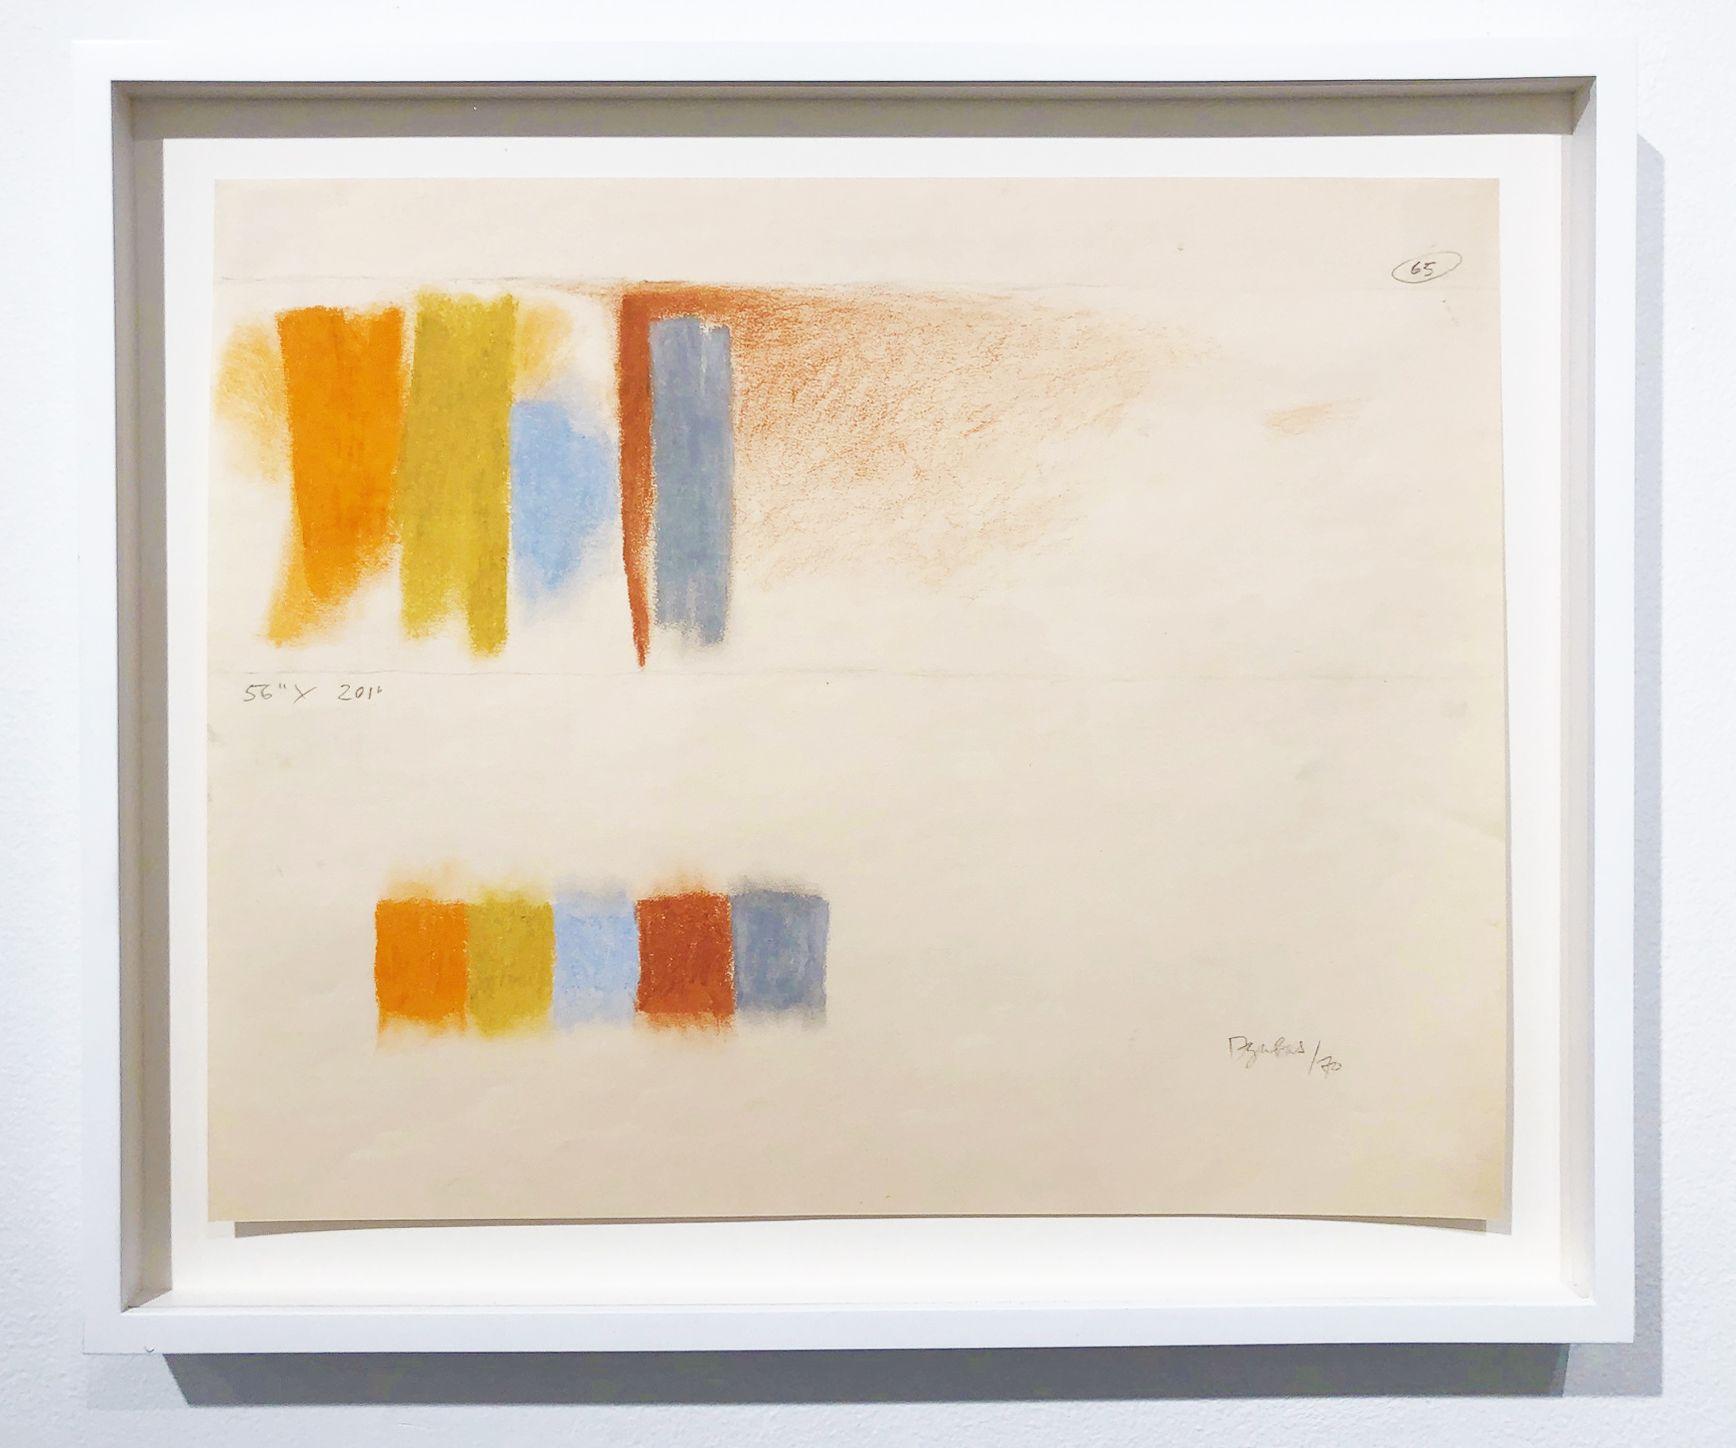 Friedel Dzubas, Untitled, 1970